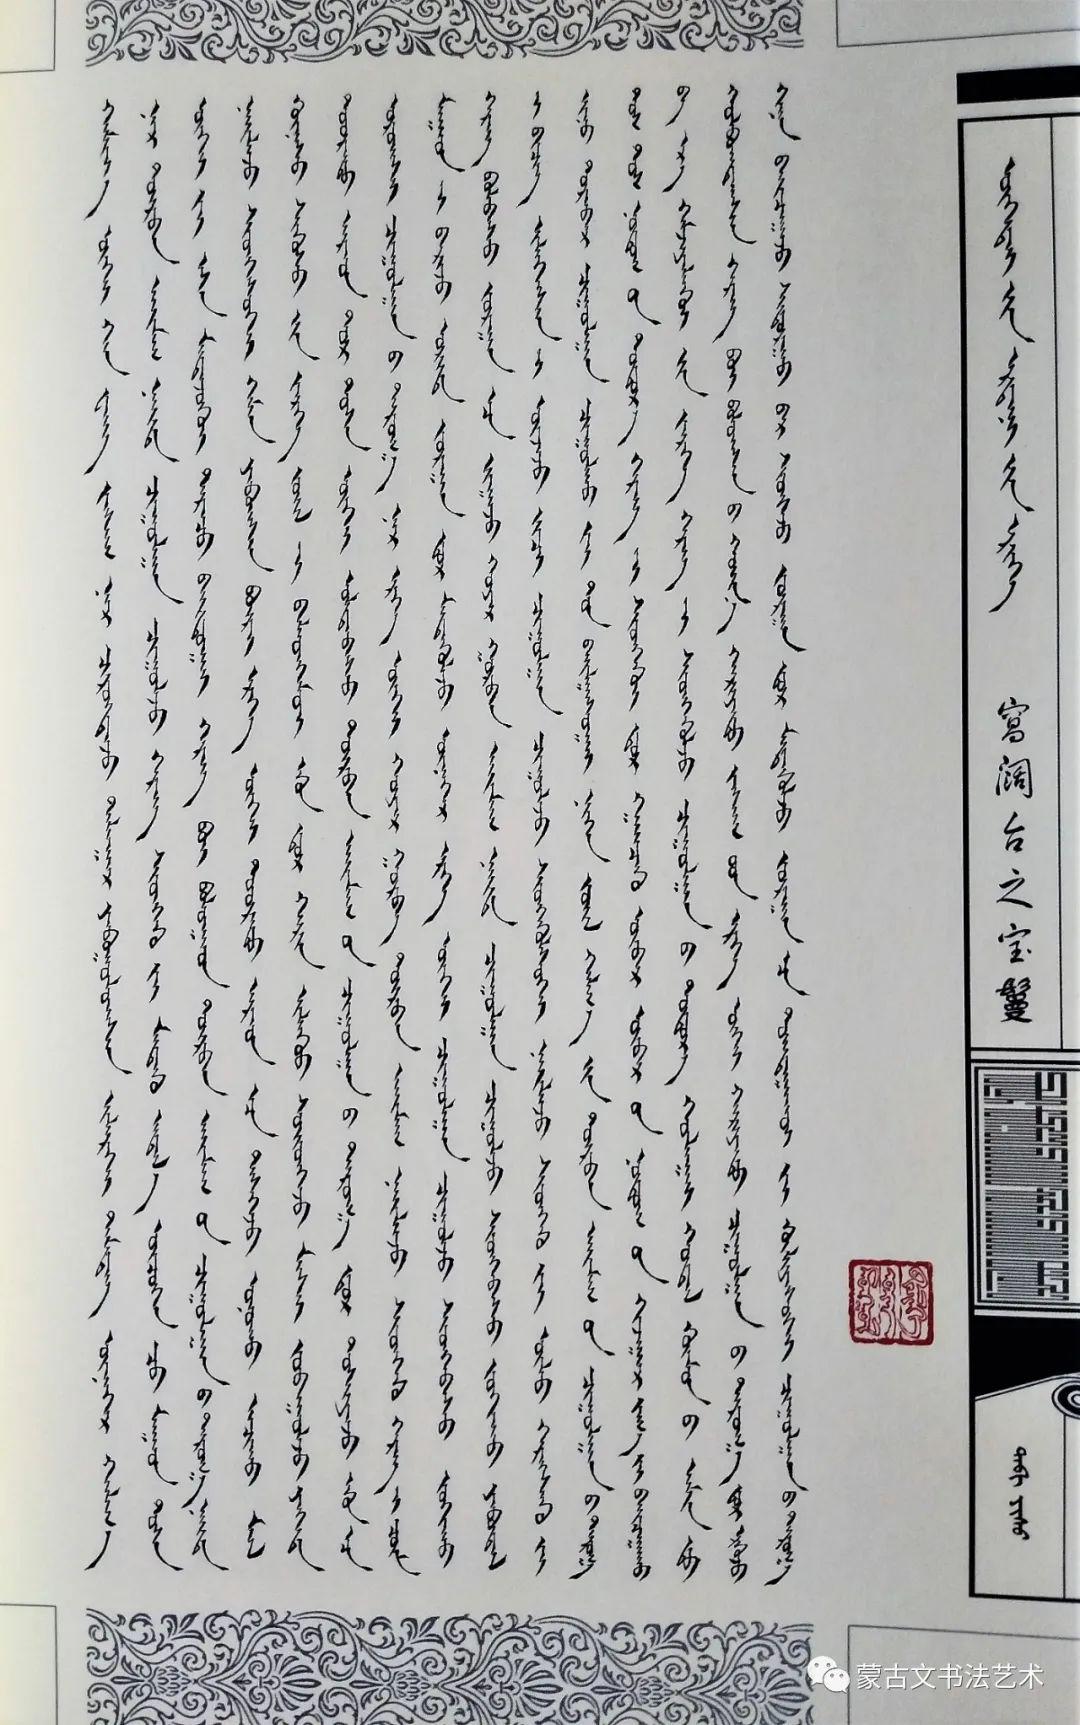 蒙古文经典文献当代书法名家手抄本之李金海《窝阔台之宝鬘》 第8张